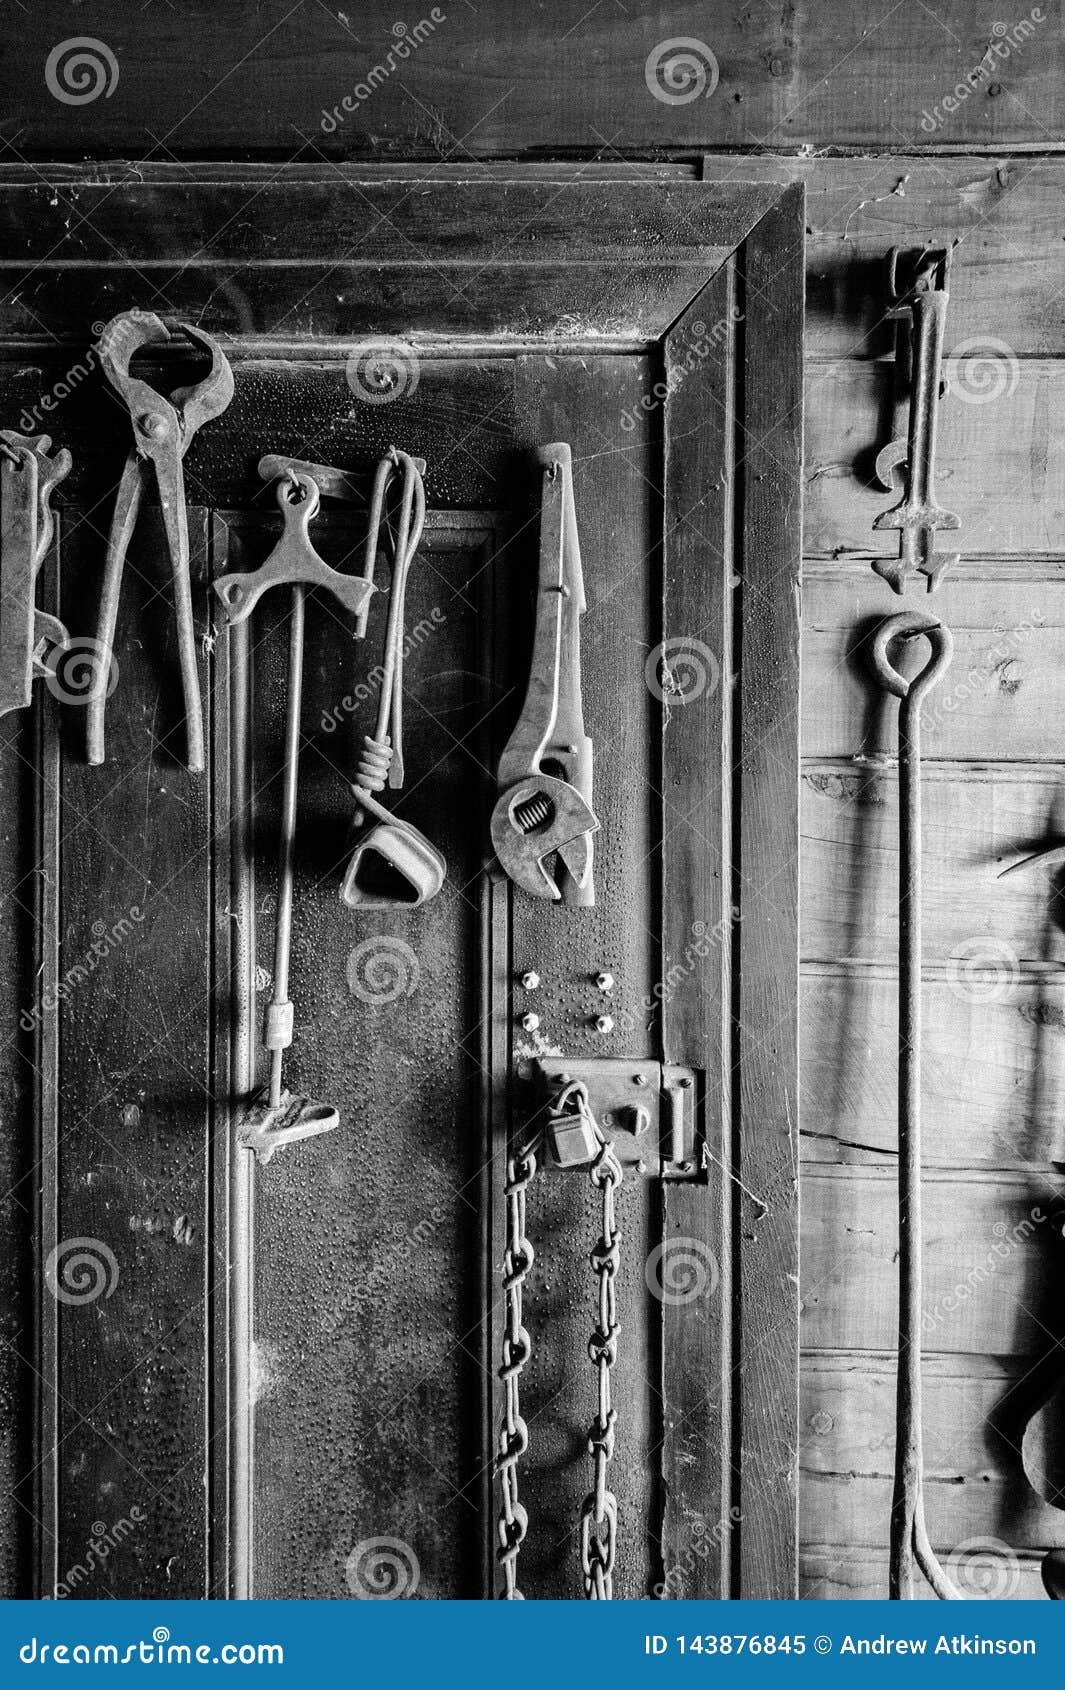 Photo noire et blanche de vieux outils accrochés sur une porte